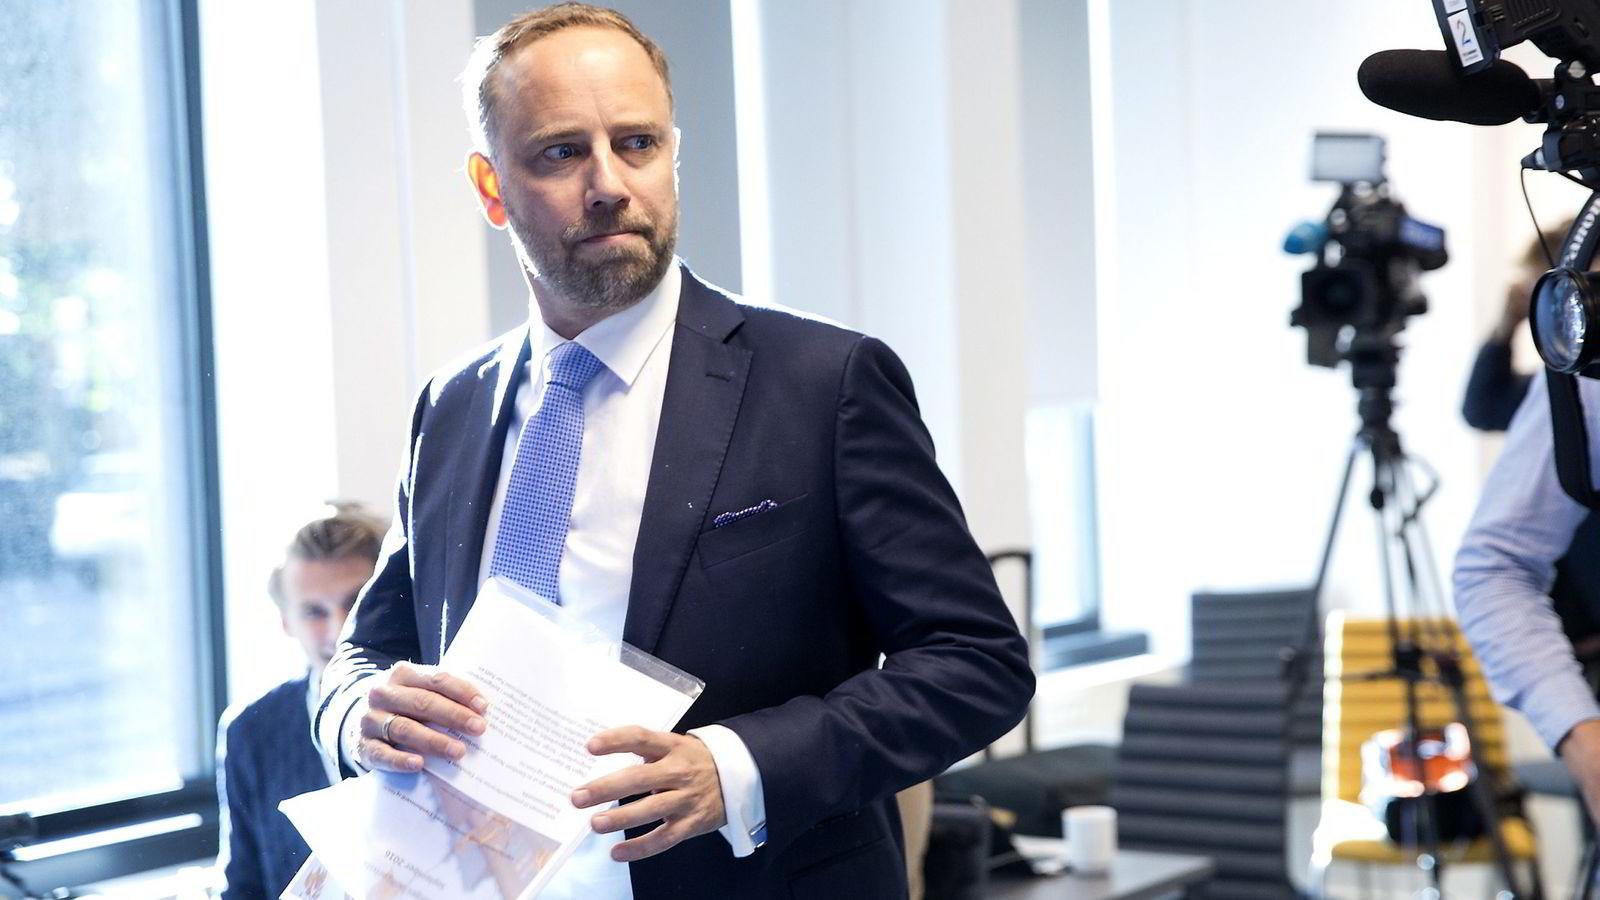 Administrerende direktør Christian Vammervold Dreyer i Eiendom Norge presenterer Eiendom Norges                boligprisstatistikk for september 2016.               Foto: Terje Bendiksby /